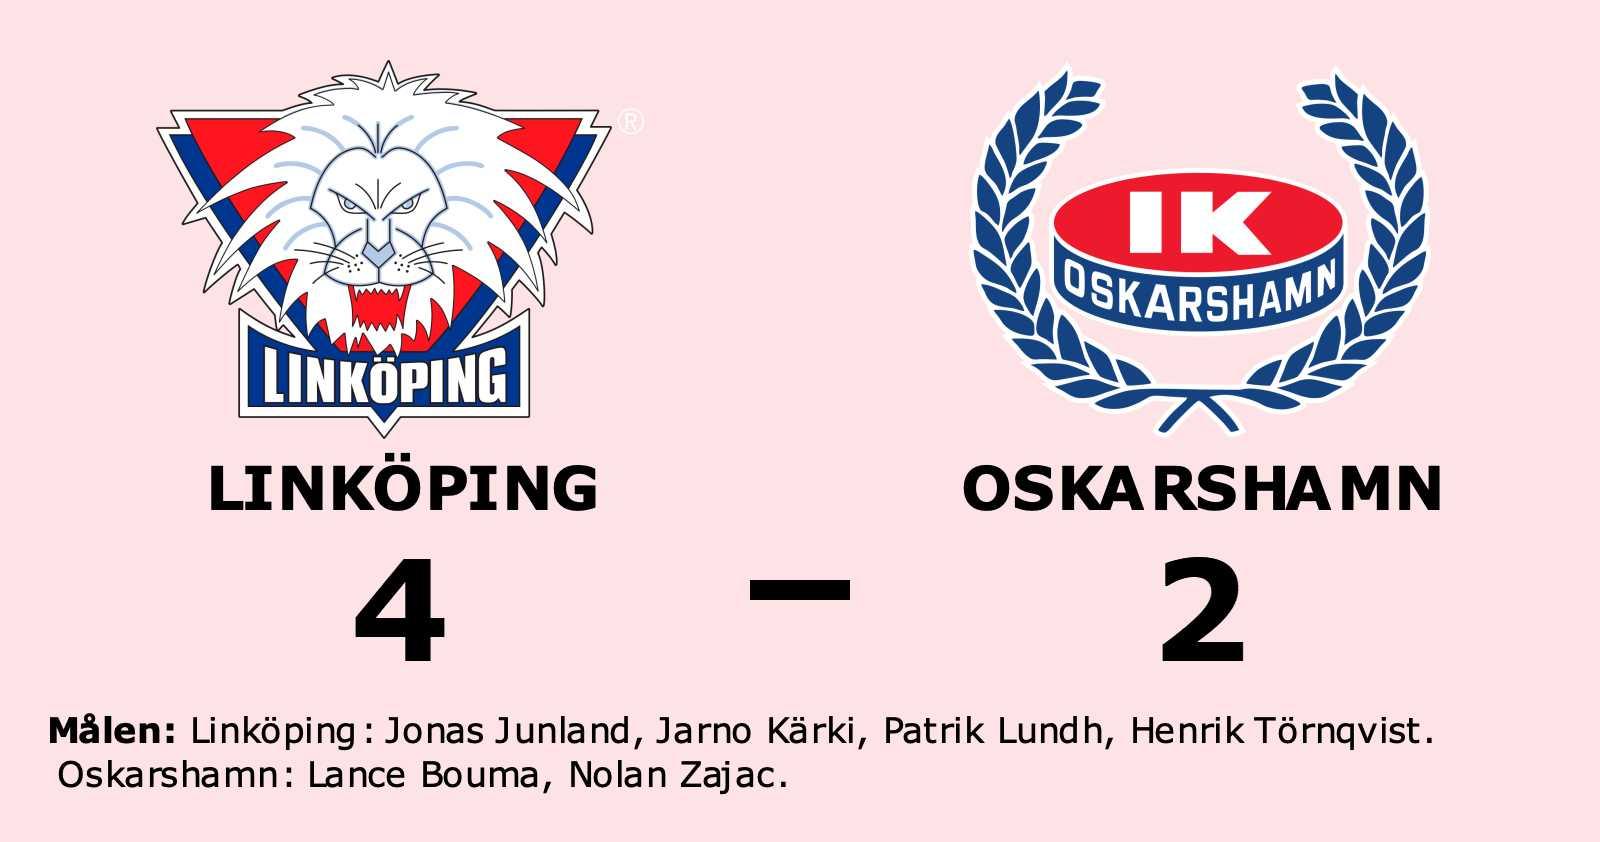 Linköping bröt tunga sviten mot Oskarshamn